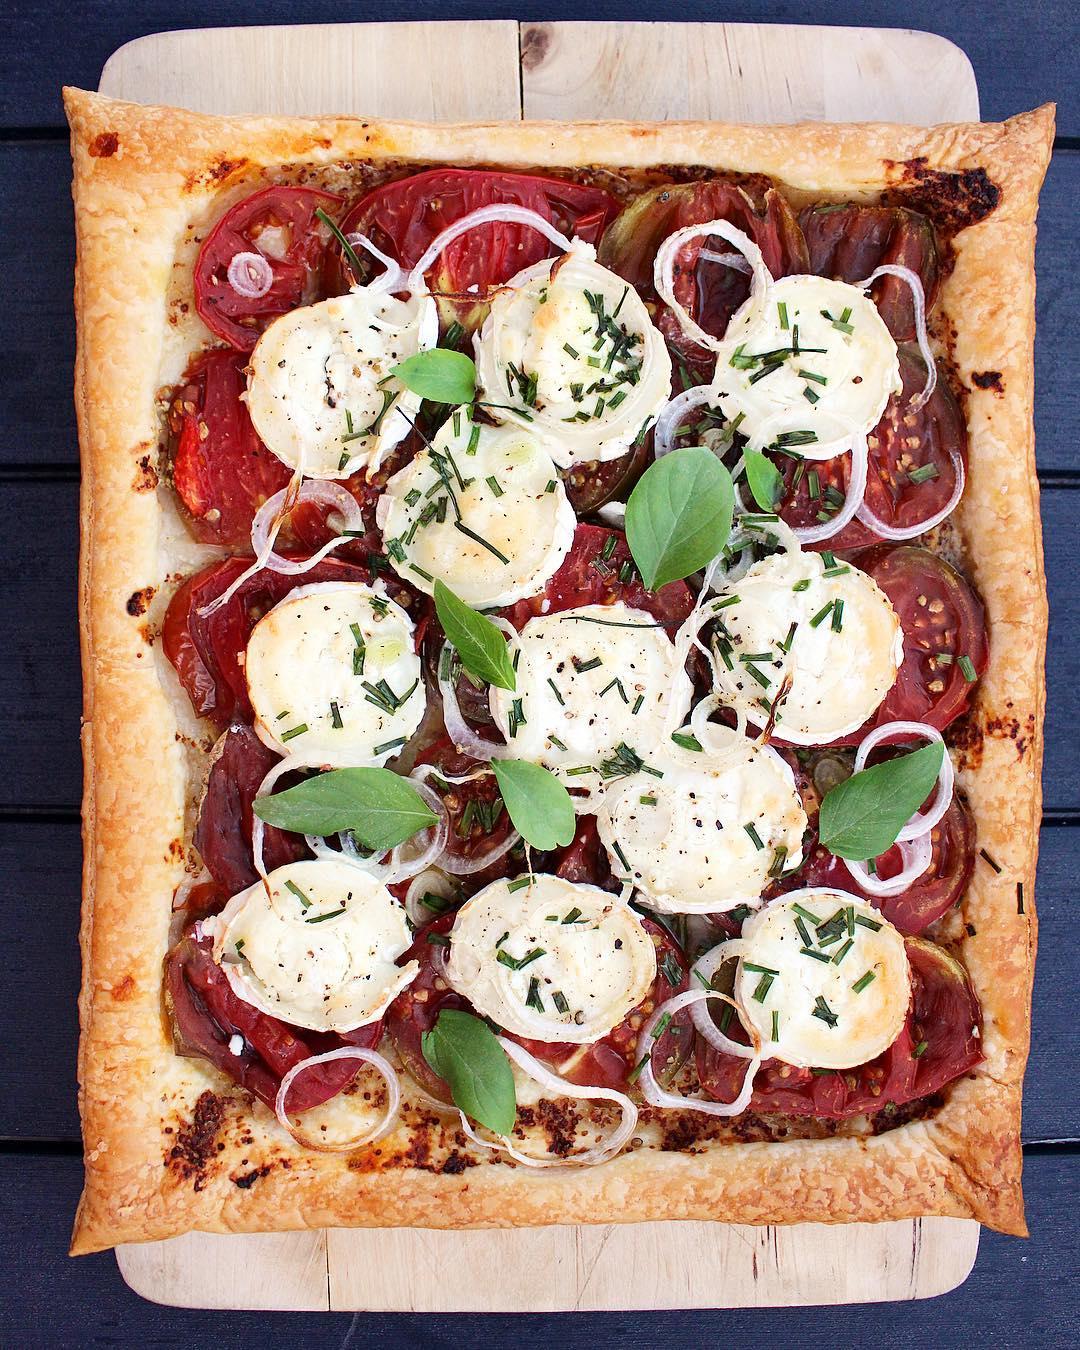 J'ai fait une Tarte à la tomate ? chèvre et basilic ?... la recette sur le blog . . ➕ POTAGER CITY • livraison légumes et fruits extra-frais . ??? Article sur le blog (lien direct dans ma bio)  ______________ #potagercity #livraison #fruits #legumes #panier #healthy #healthyfood #food #blogfood #foodblog #foodblogger #pintademontpellier #montpellier #circuitcourt #blogfood #food #foodporn #foodblogger #foodphotograpy